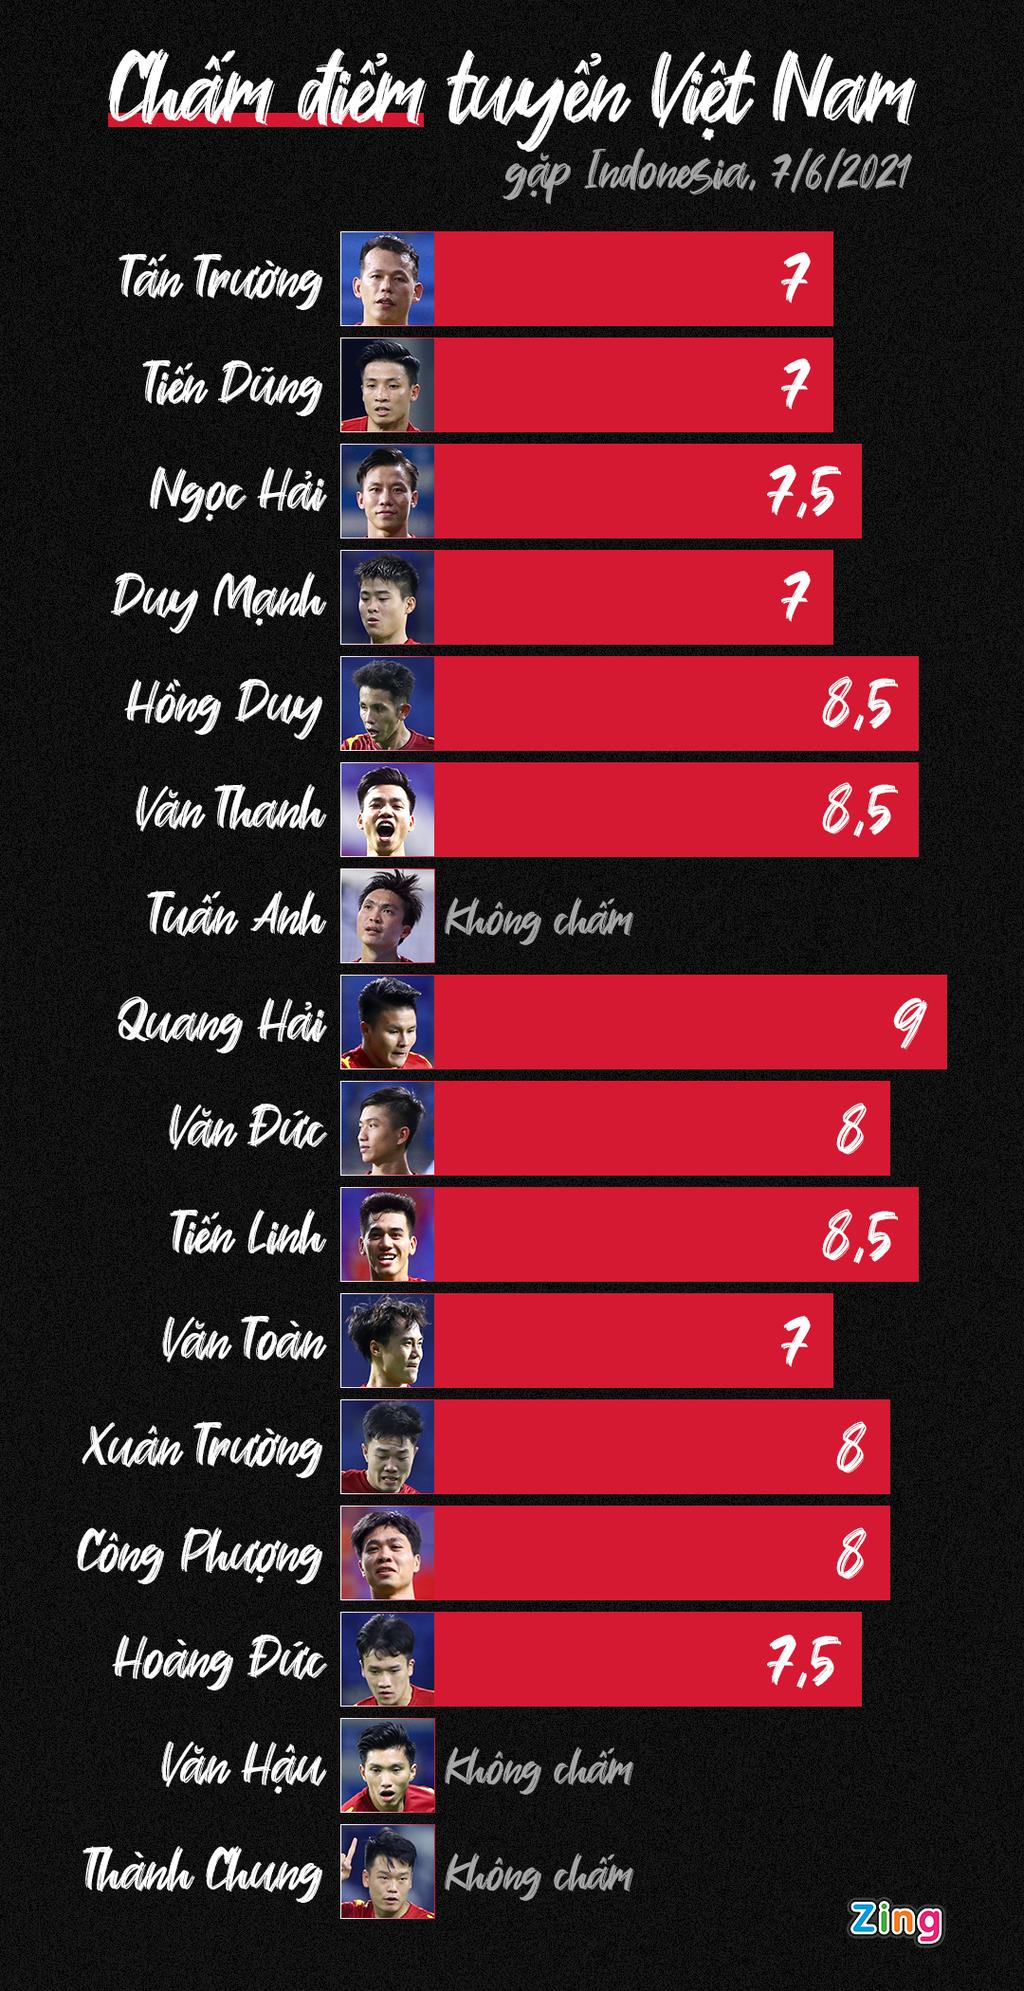 Chấm điểm tuyển Việt Nam 4-0 Indonesia: Quang Hải hay nhất